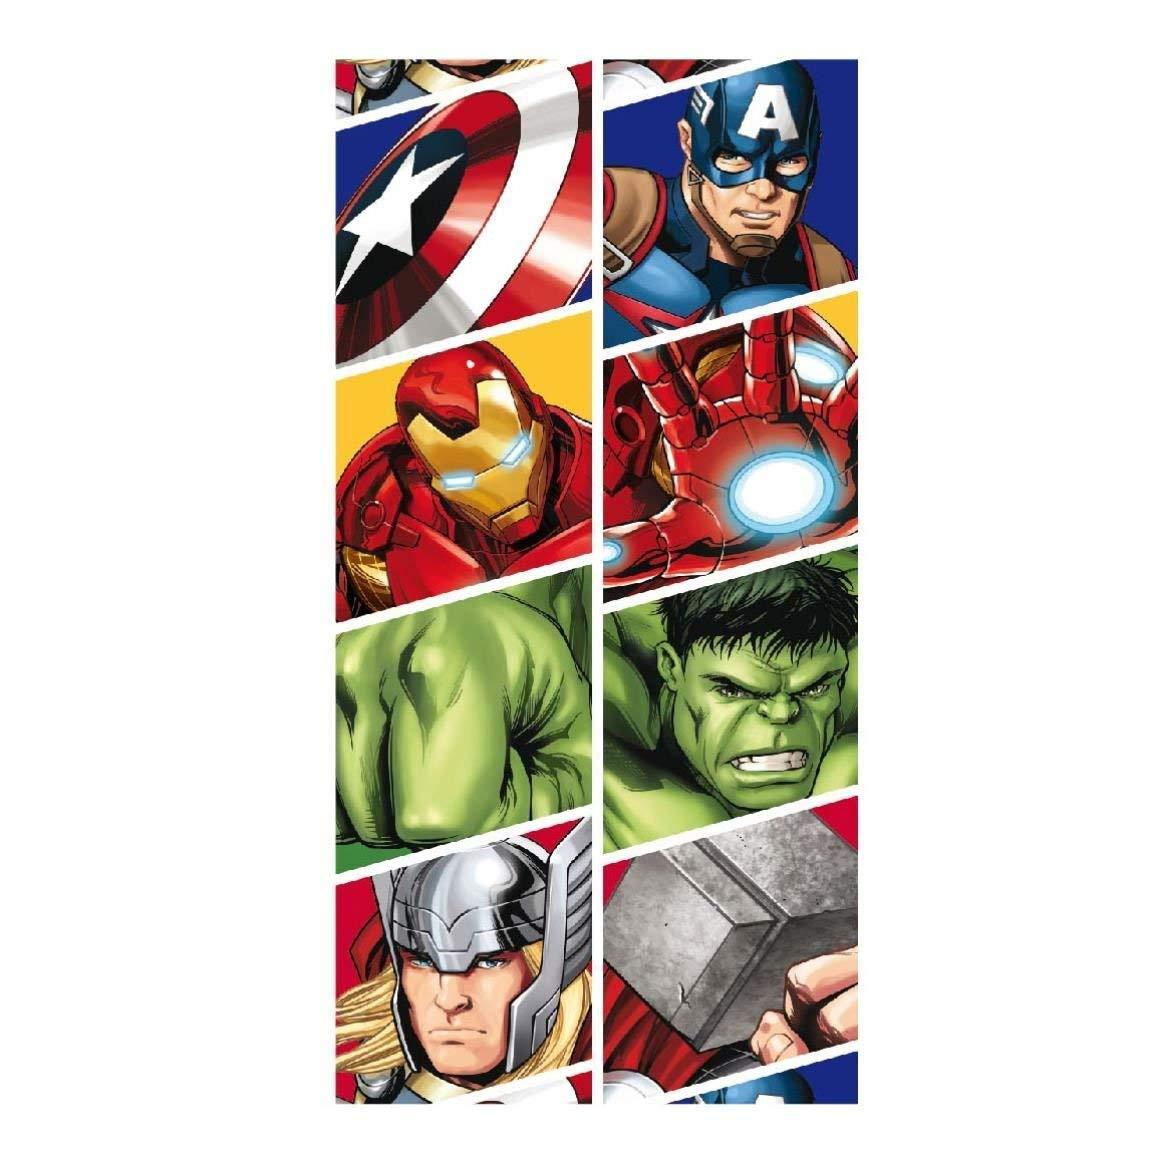 takestop Serviette Serviette Avengers Disney Enfant Enfants Super H/éros Hulk Iron Man Captain Am/érique Thor Multi-usages mer Lit coprilettino Piscine Plage 70/x 140/cm Rapide /à s/écher Easy Dry